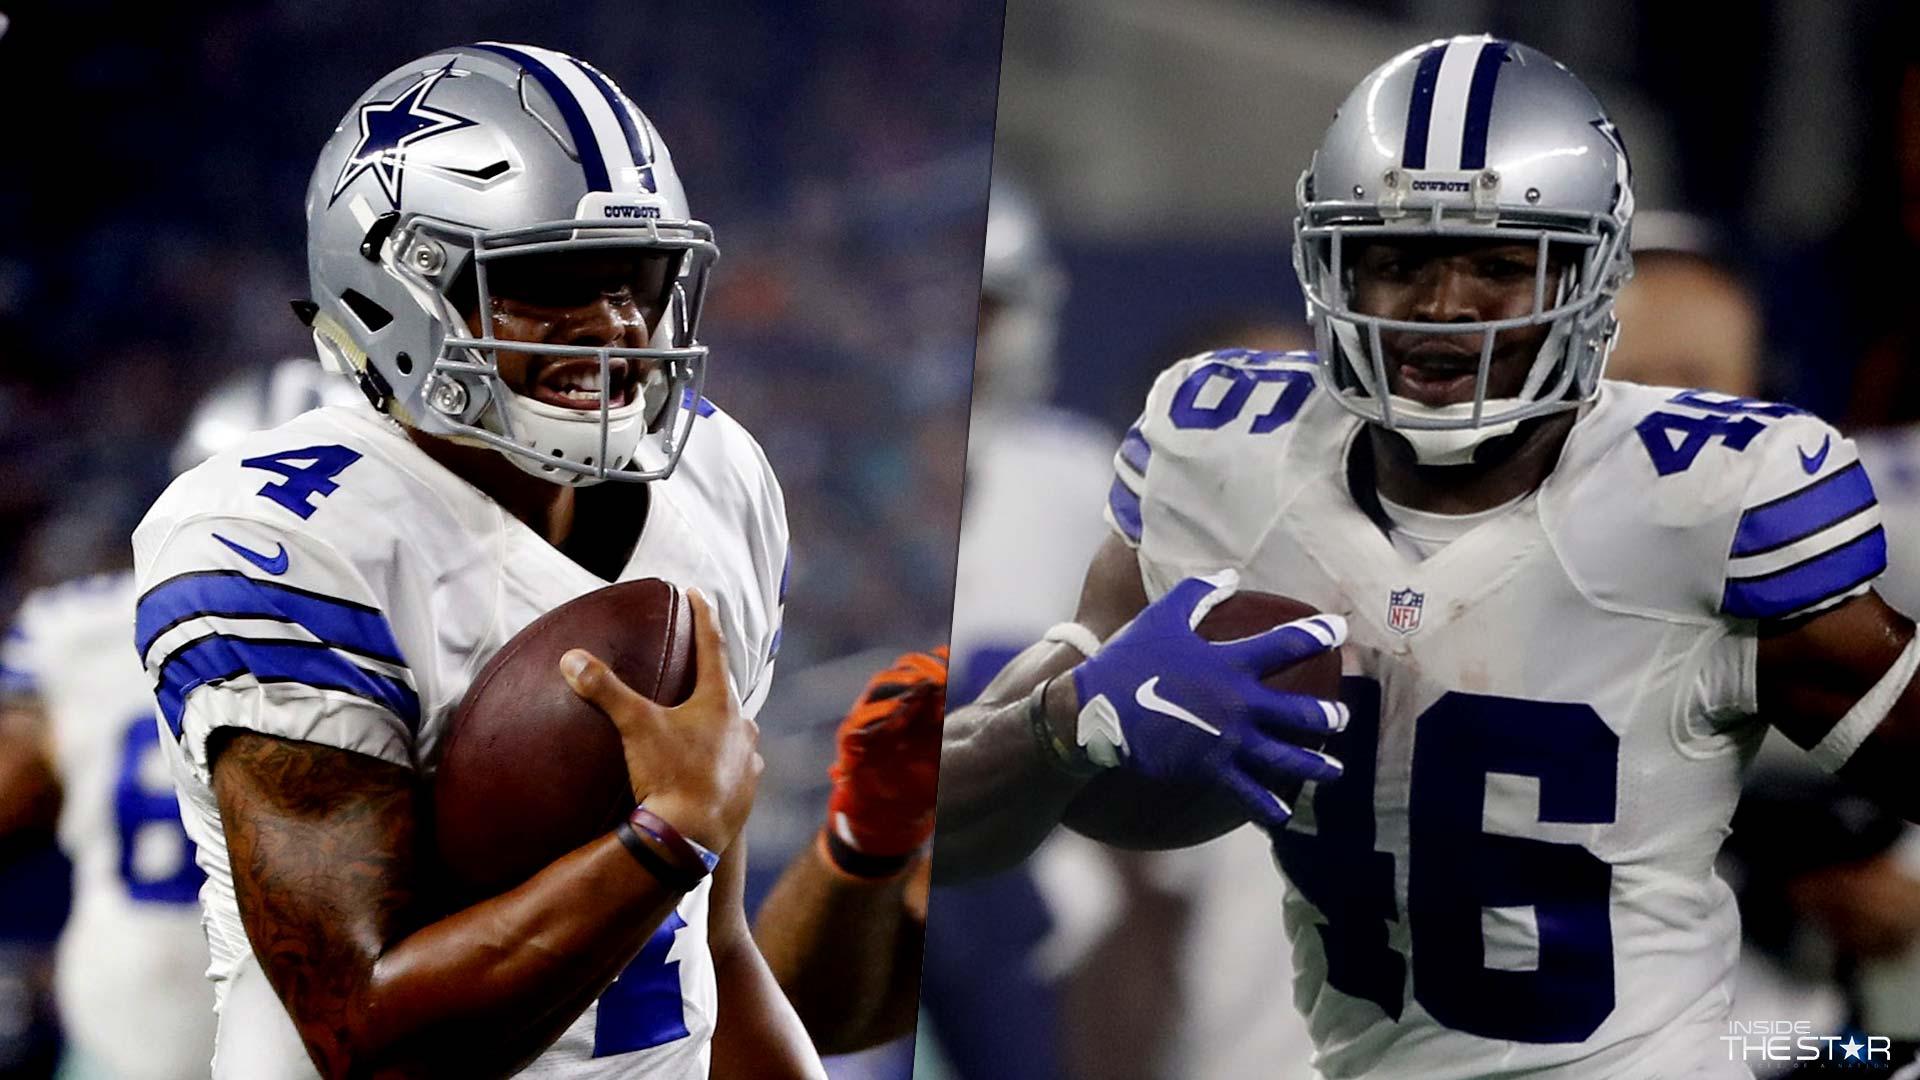 Cowboys Headlines - Tweet Break: Cowboys Offense Flies High in Home Opener, Prescott and Morris Impress